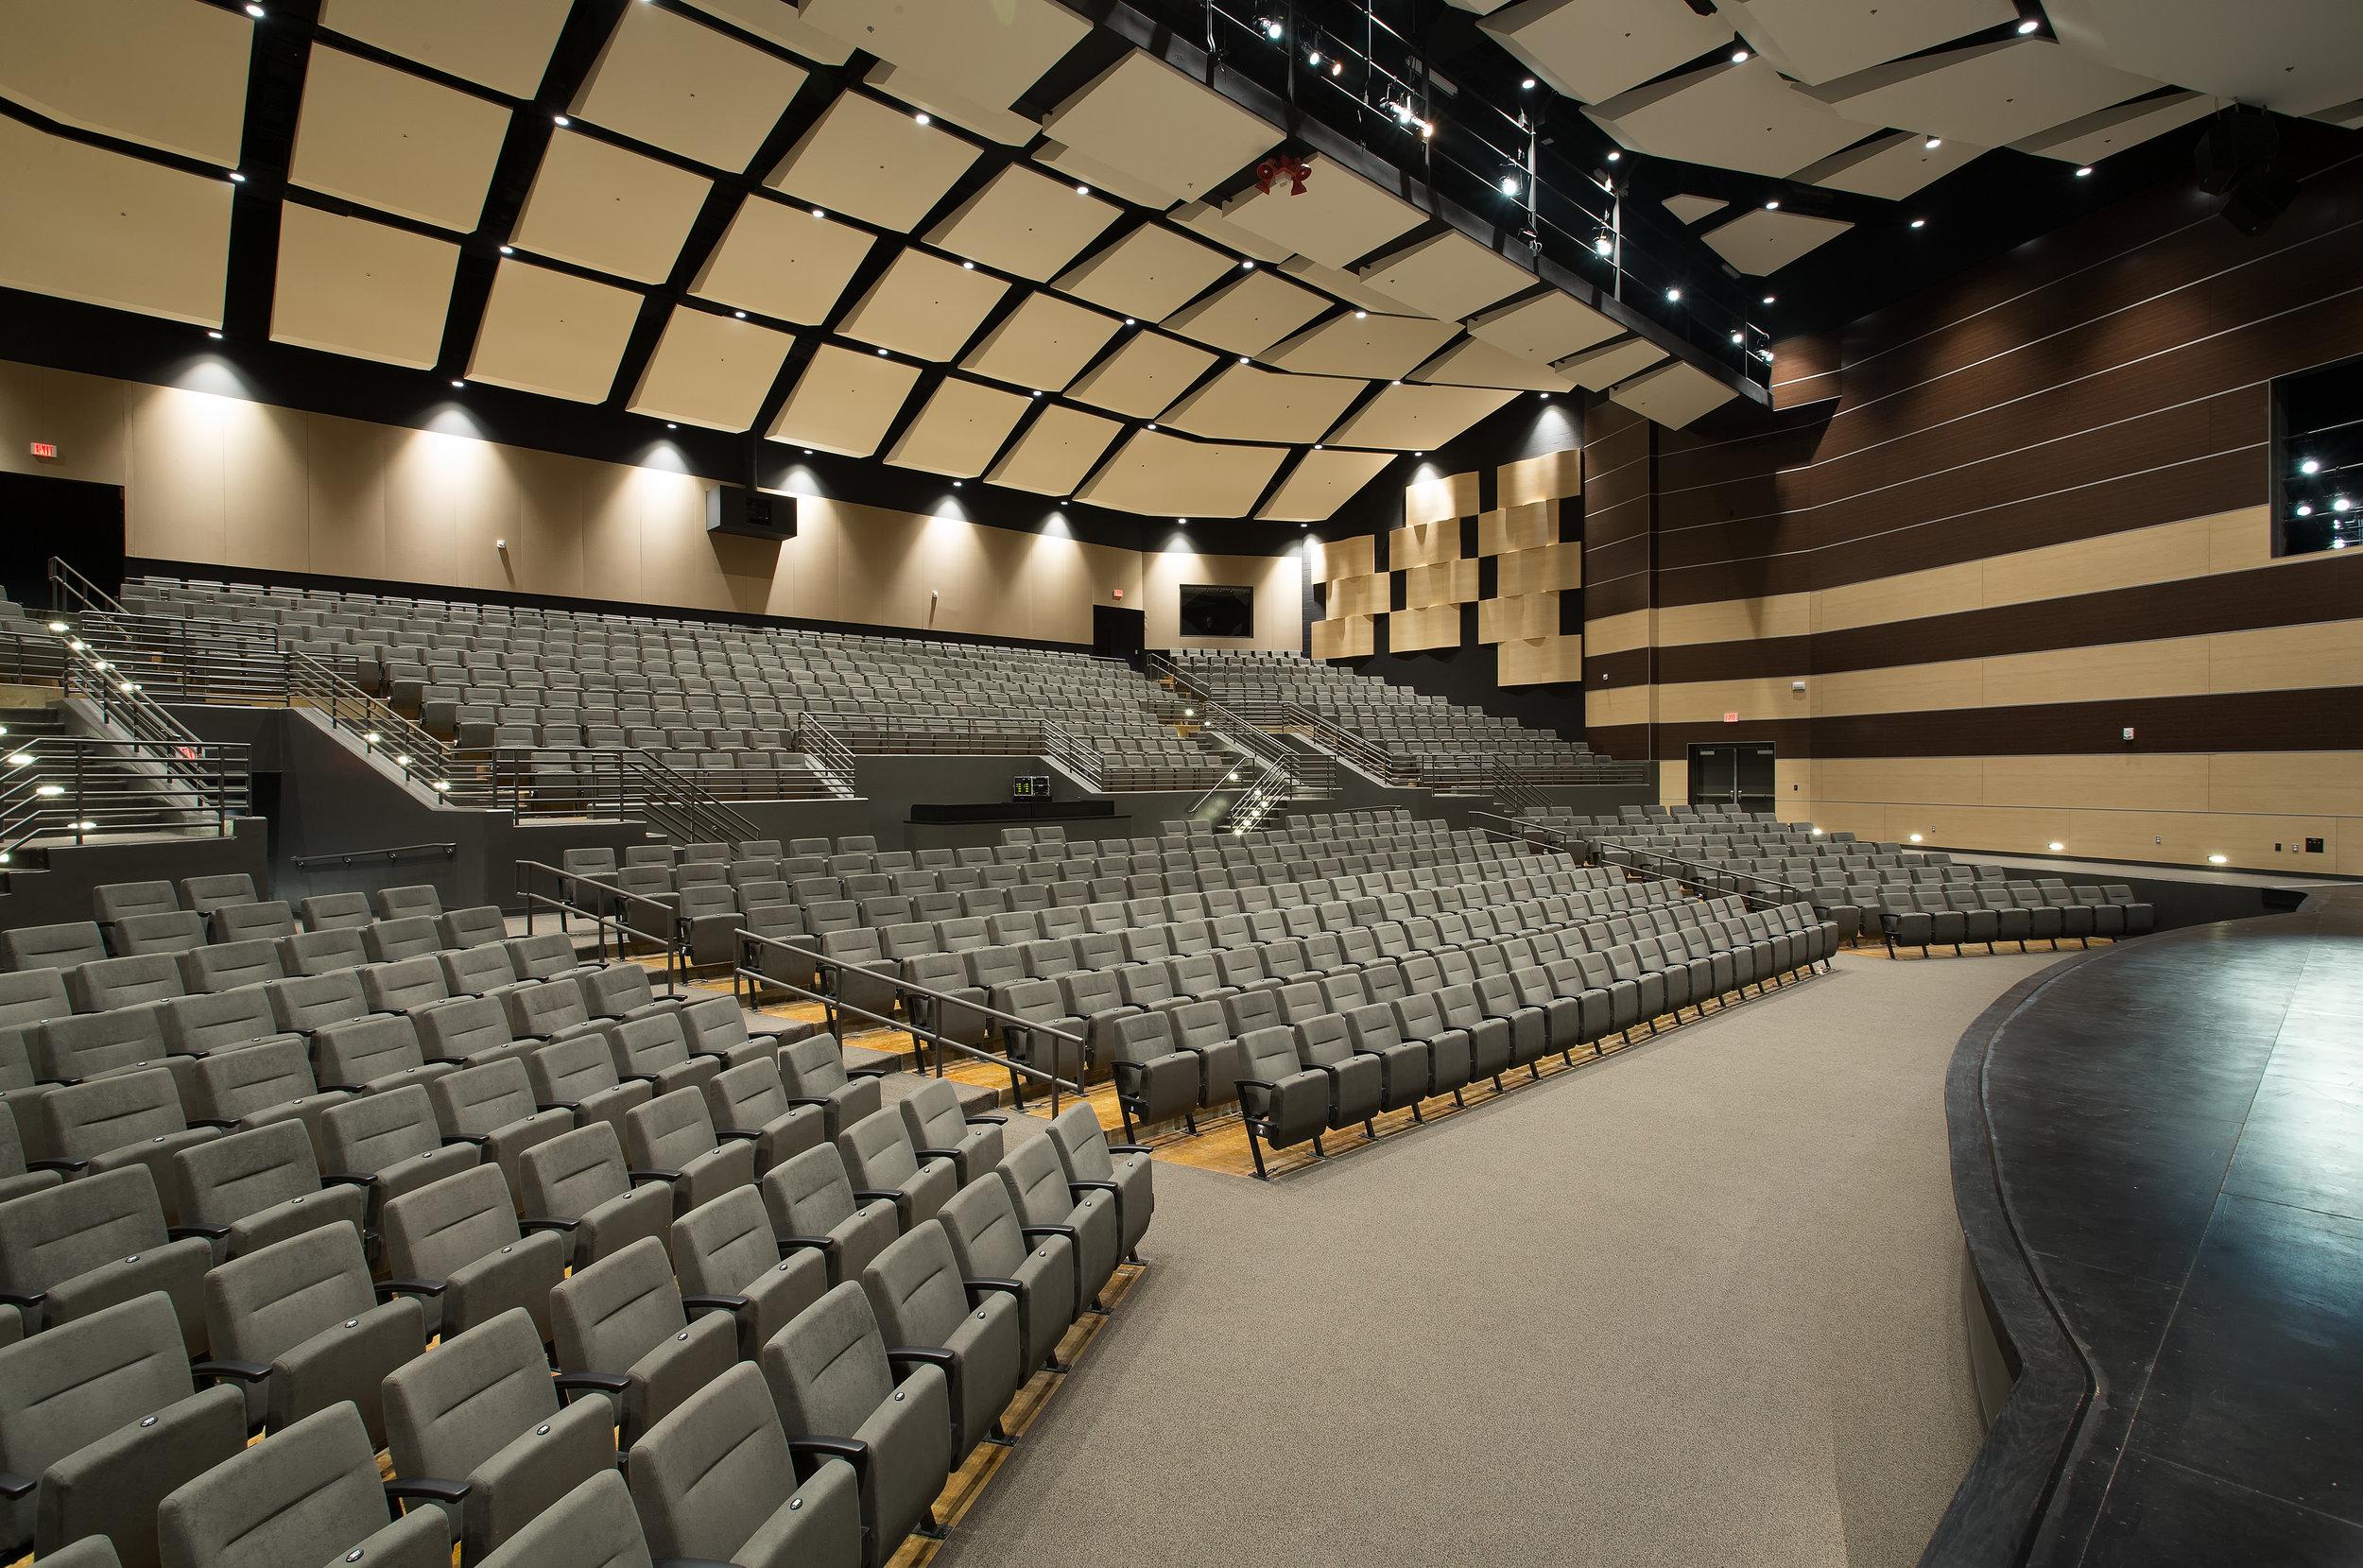 Perf Arts Auditorium_02.jpg